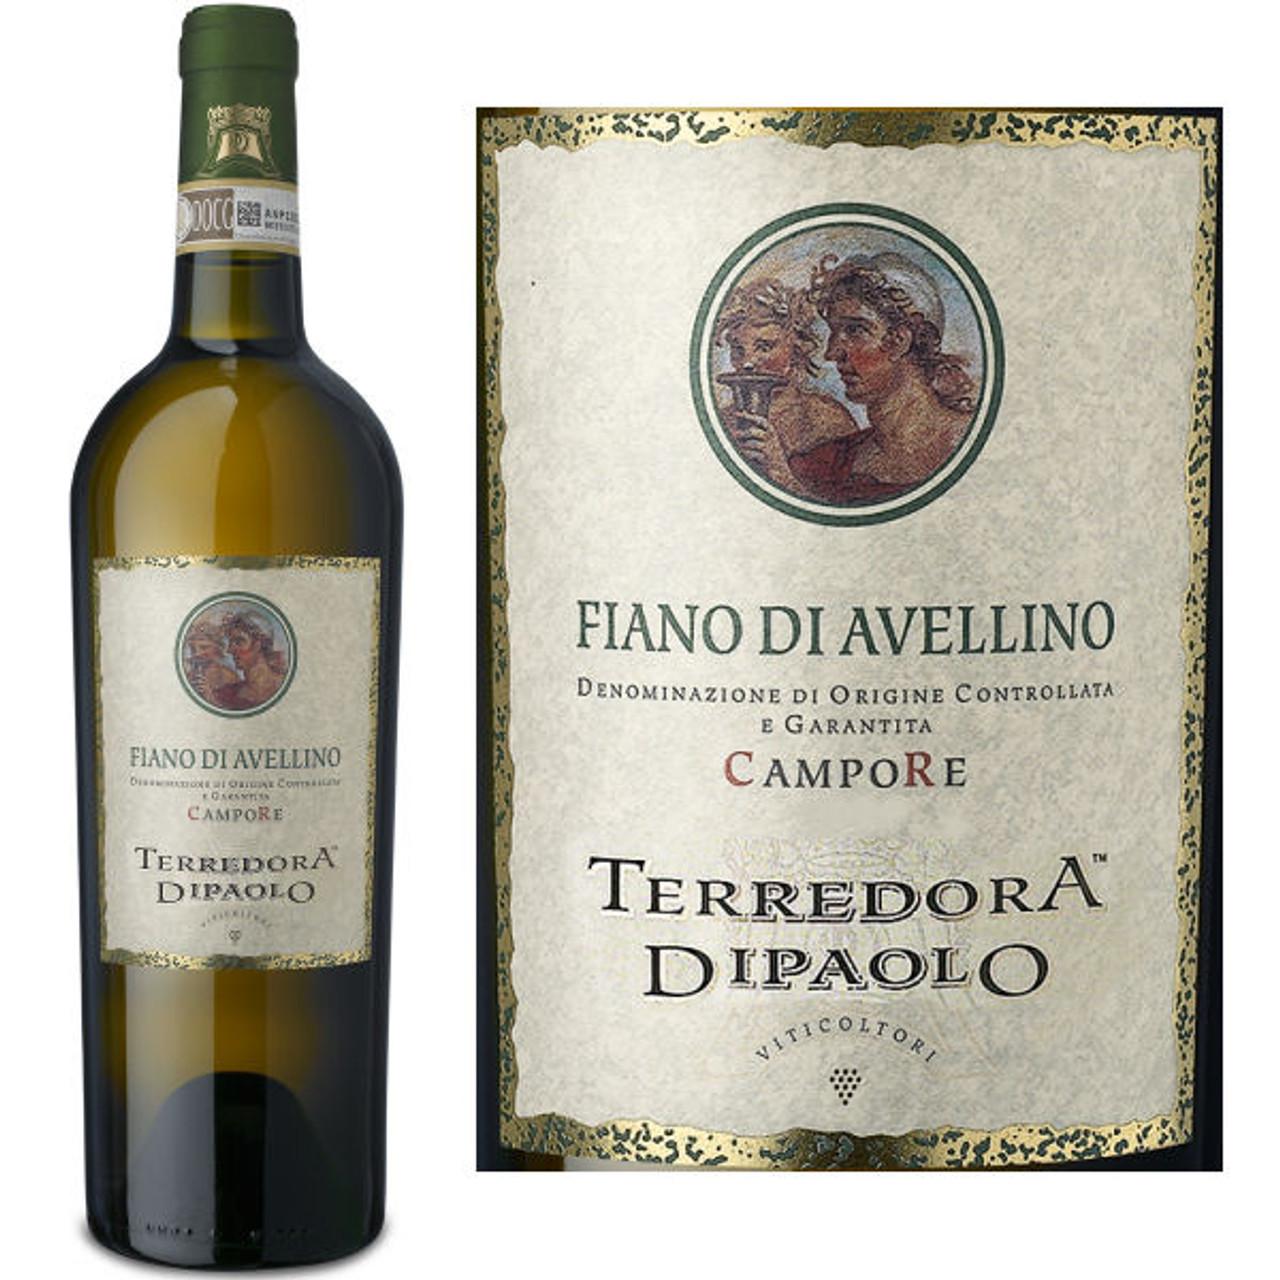 Terredora di Paolo Fiano di Avellino CampoRe DOCG